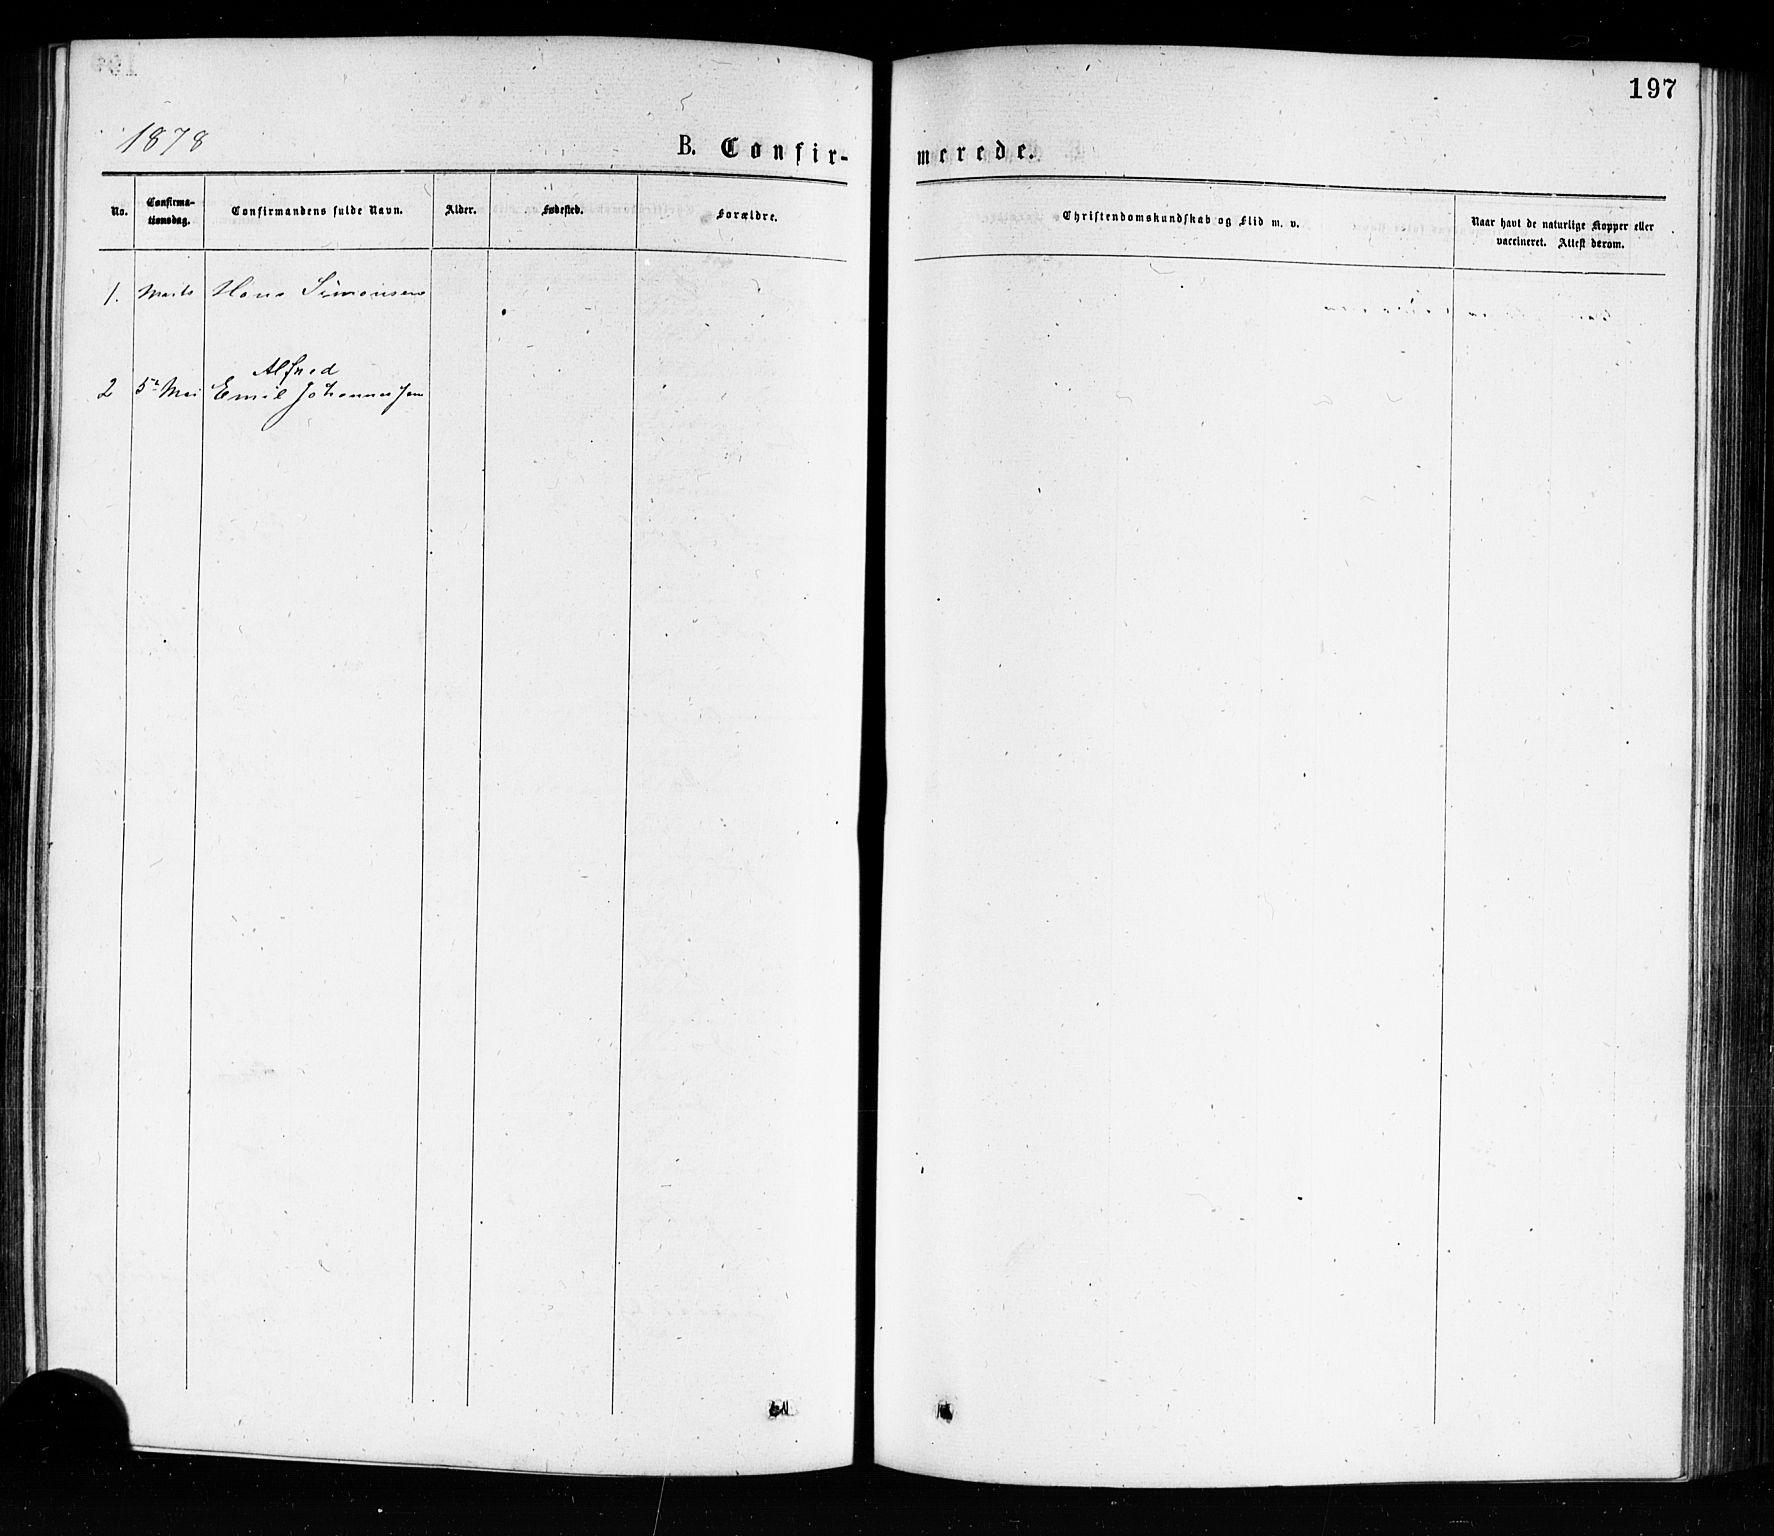 SAKO, Porsgrunn kirkebøker , G/Ga/L0003: Klokkerbok nr. I 3, 1877-1915, s. 197